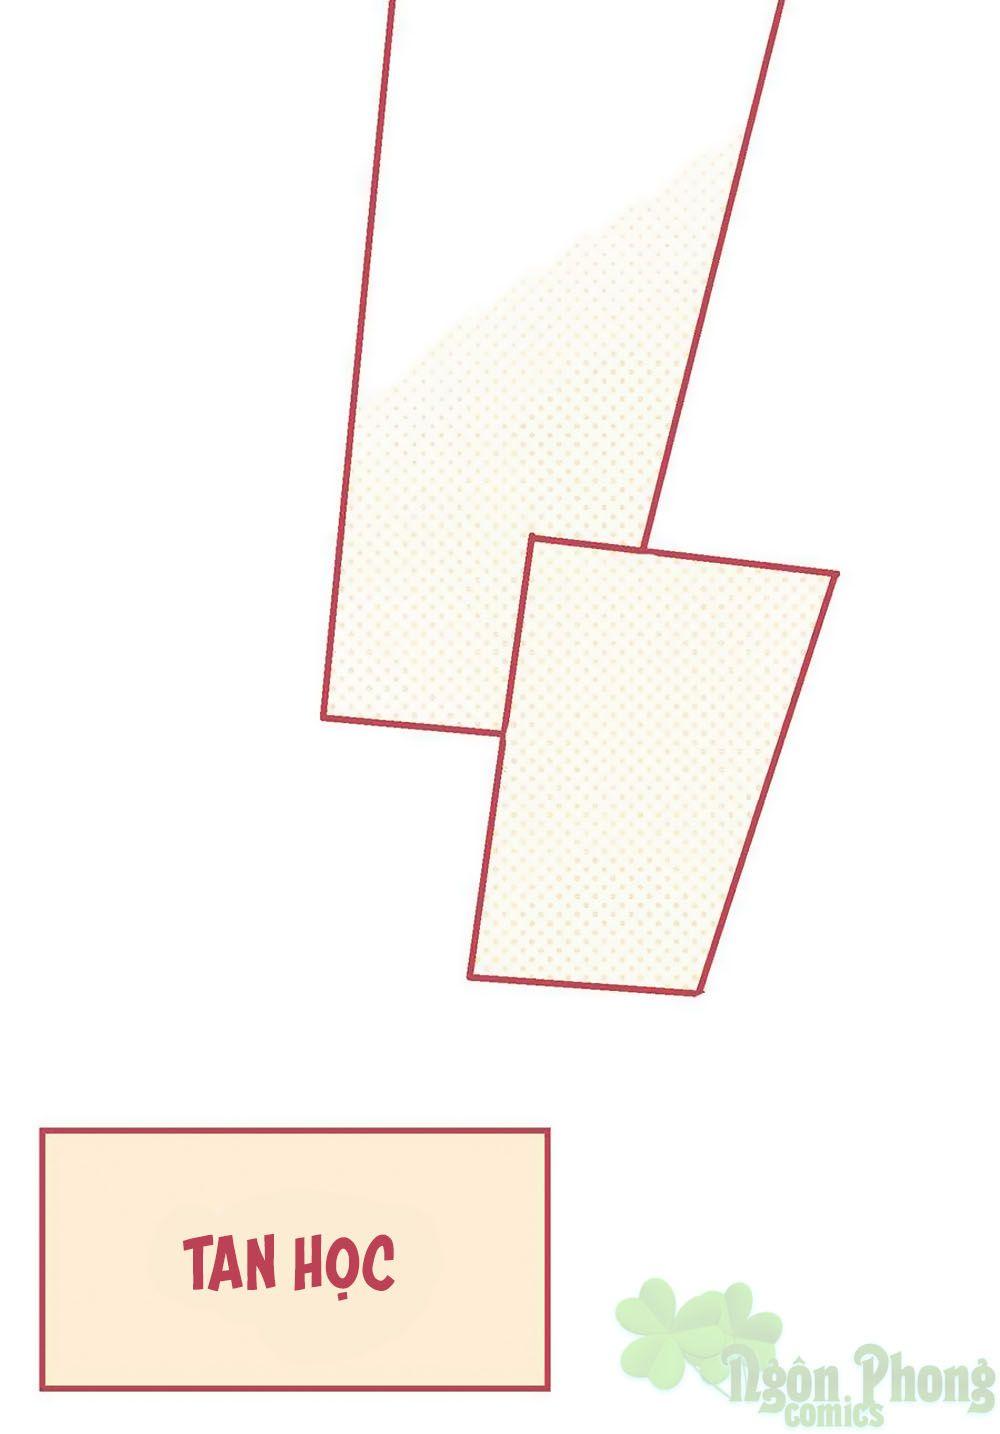 Cướp Đi Nụ Hôn Của Người Chap 10 Trang 46